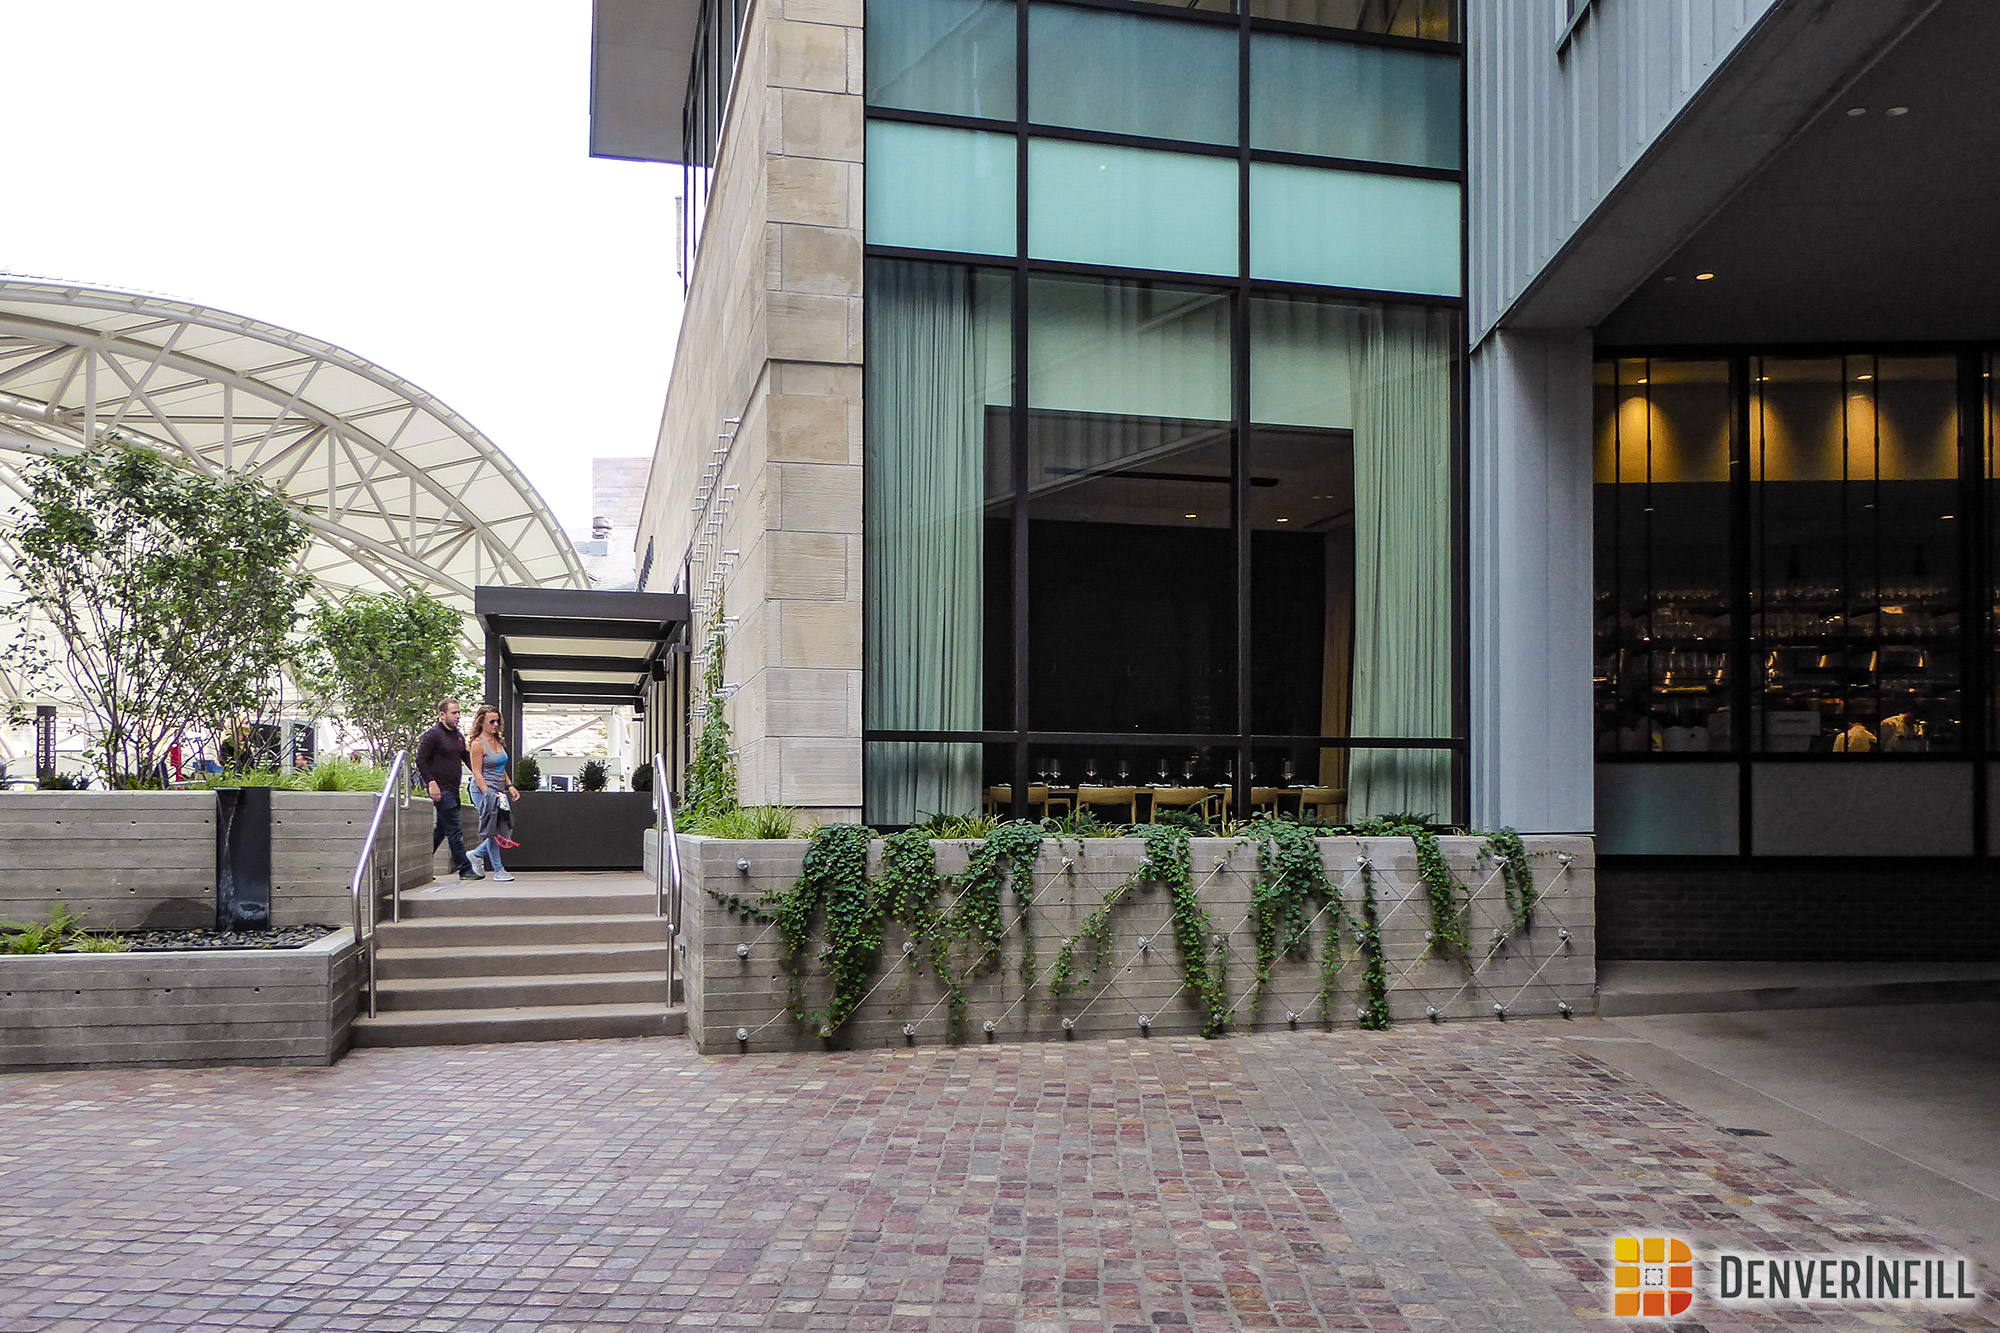 Landscaped pedestrian areas around Hotel Born